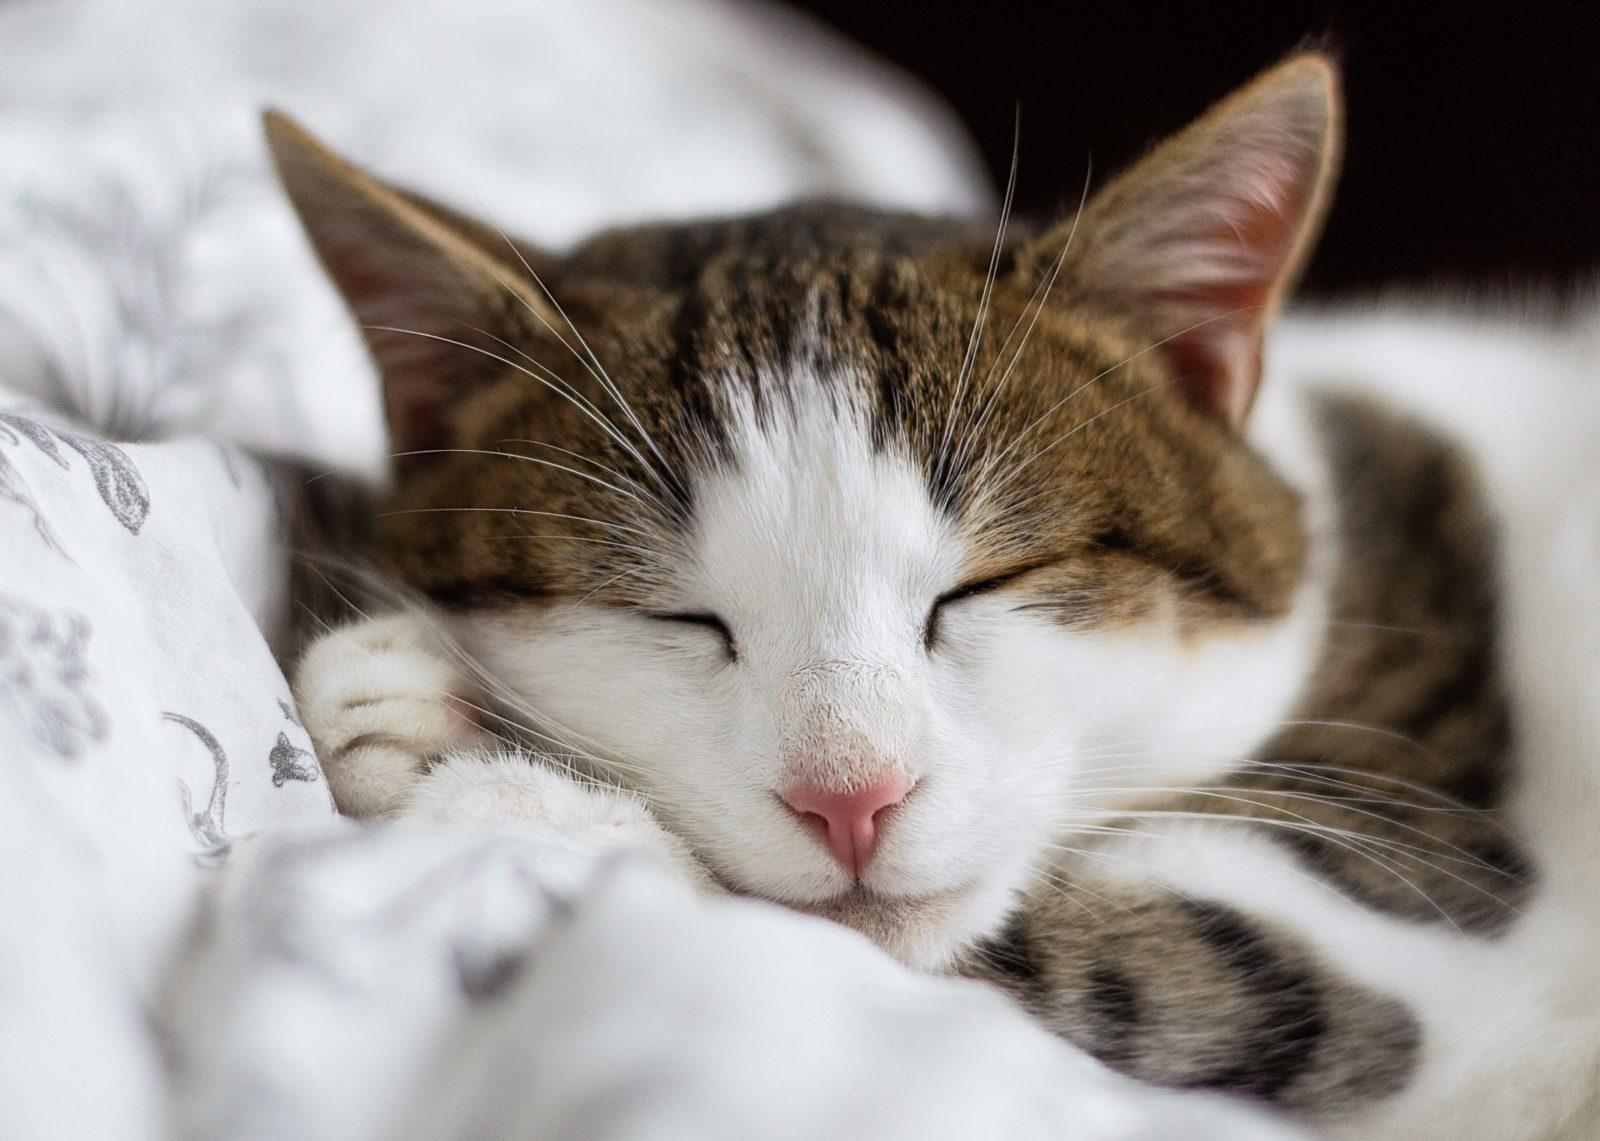 entender por que gatos ronronam há benefícios